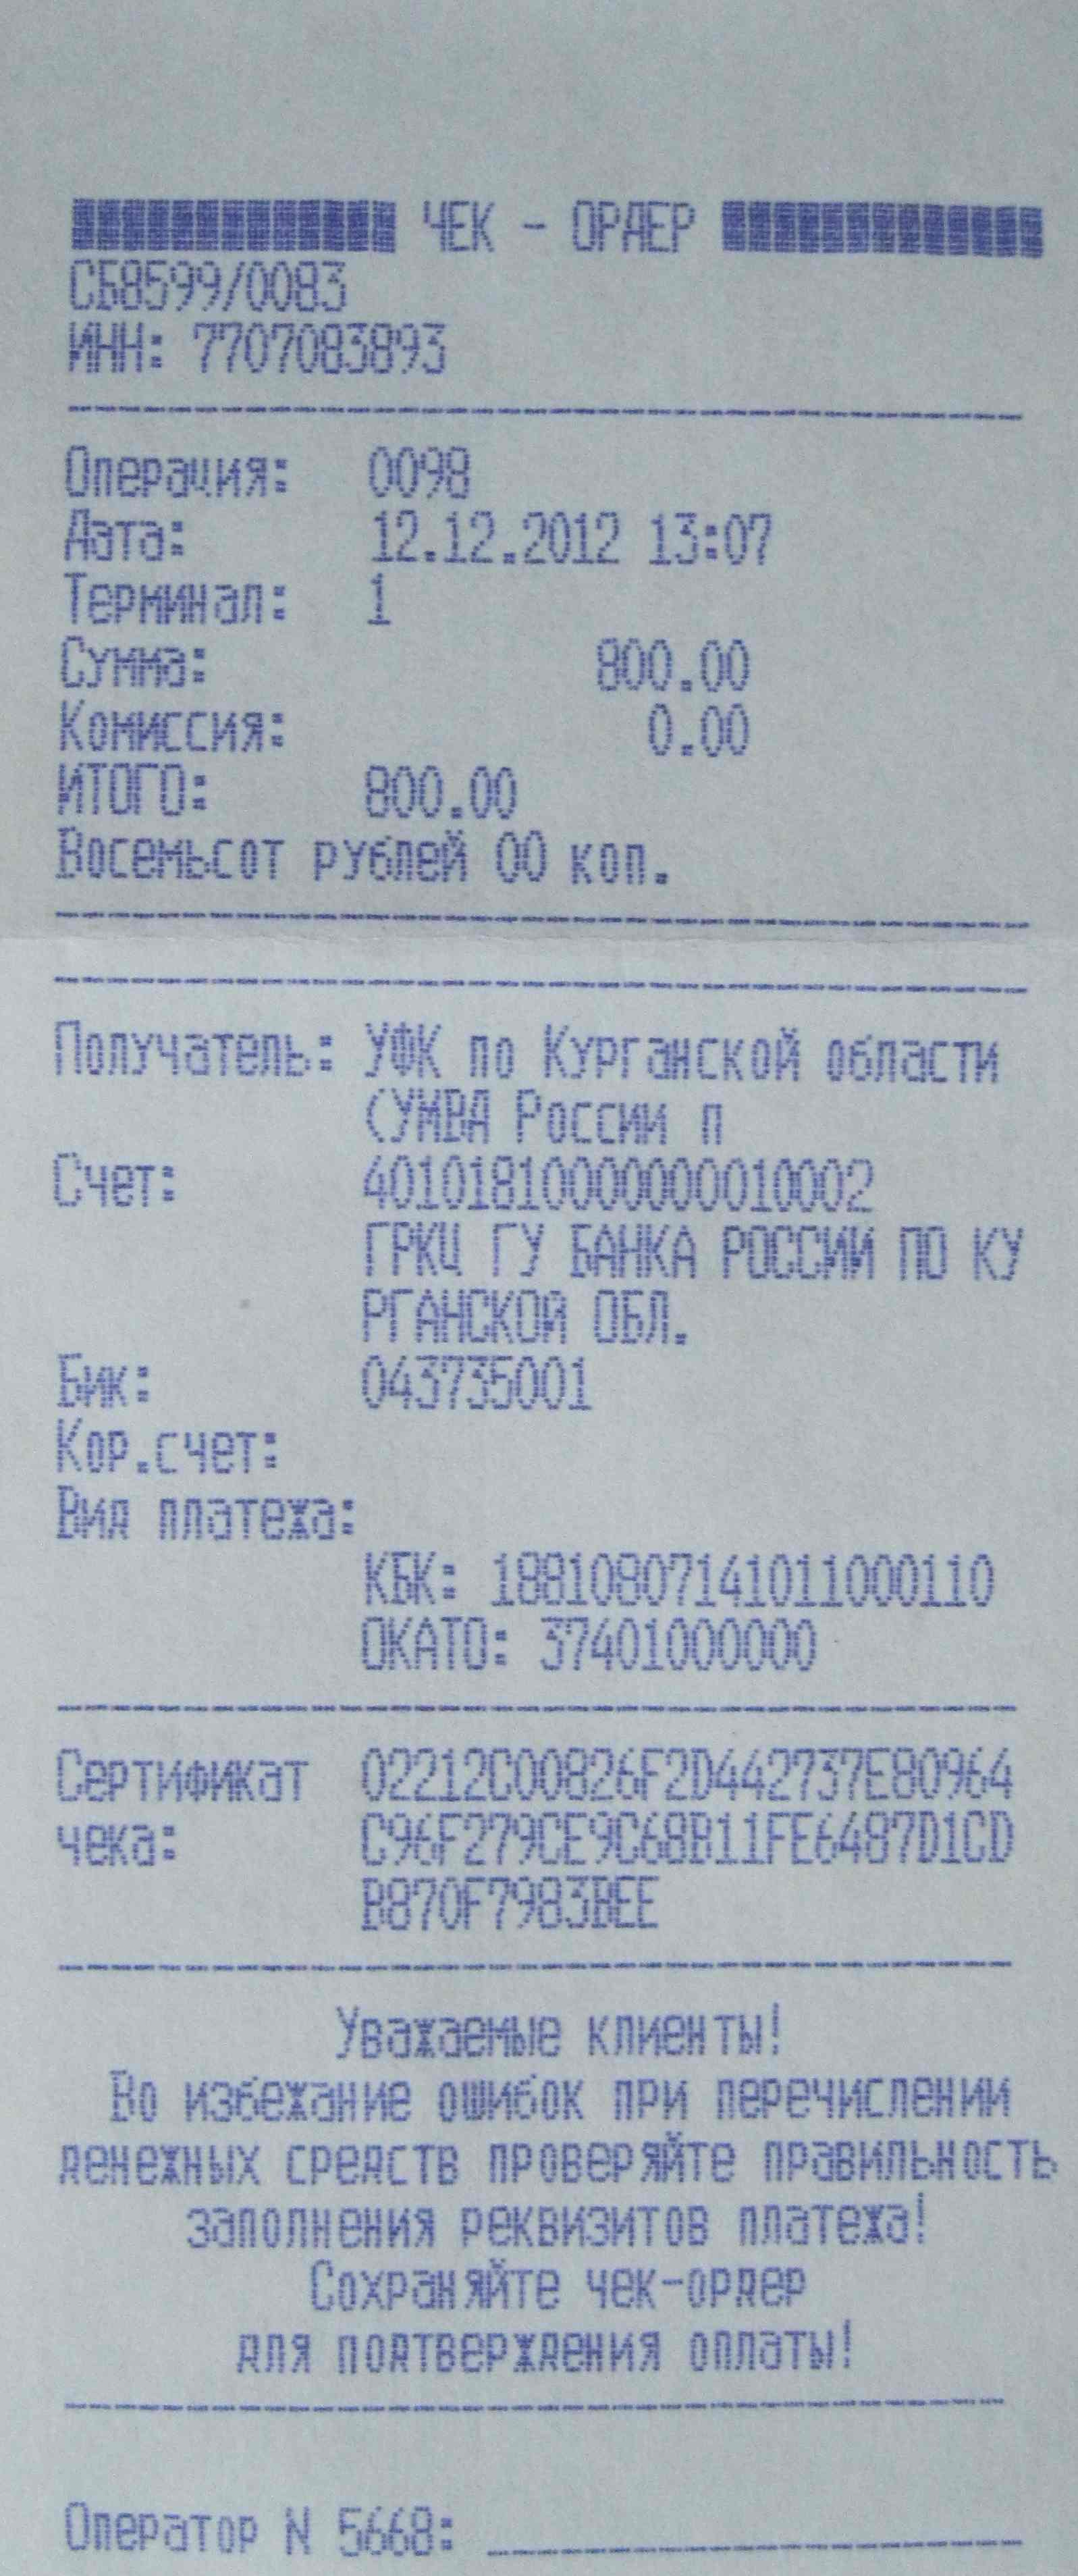 где можно оплатить госпошлину за сведения из егрюл такси Лунный